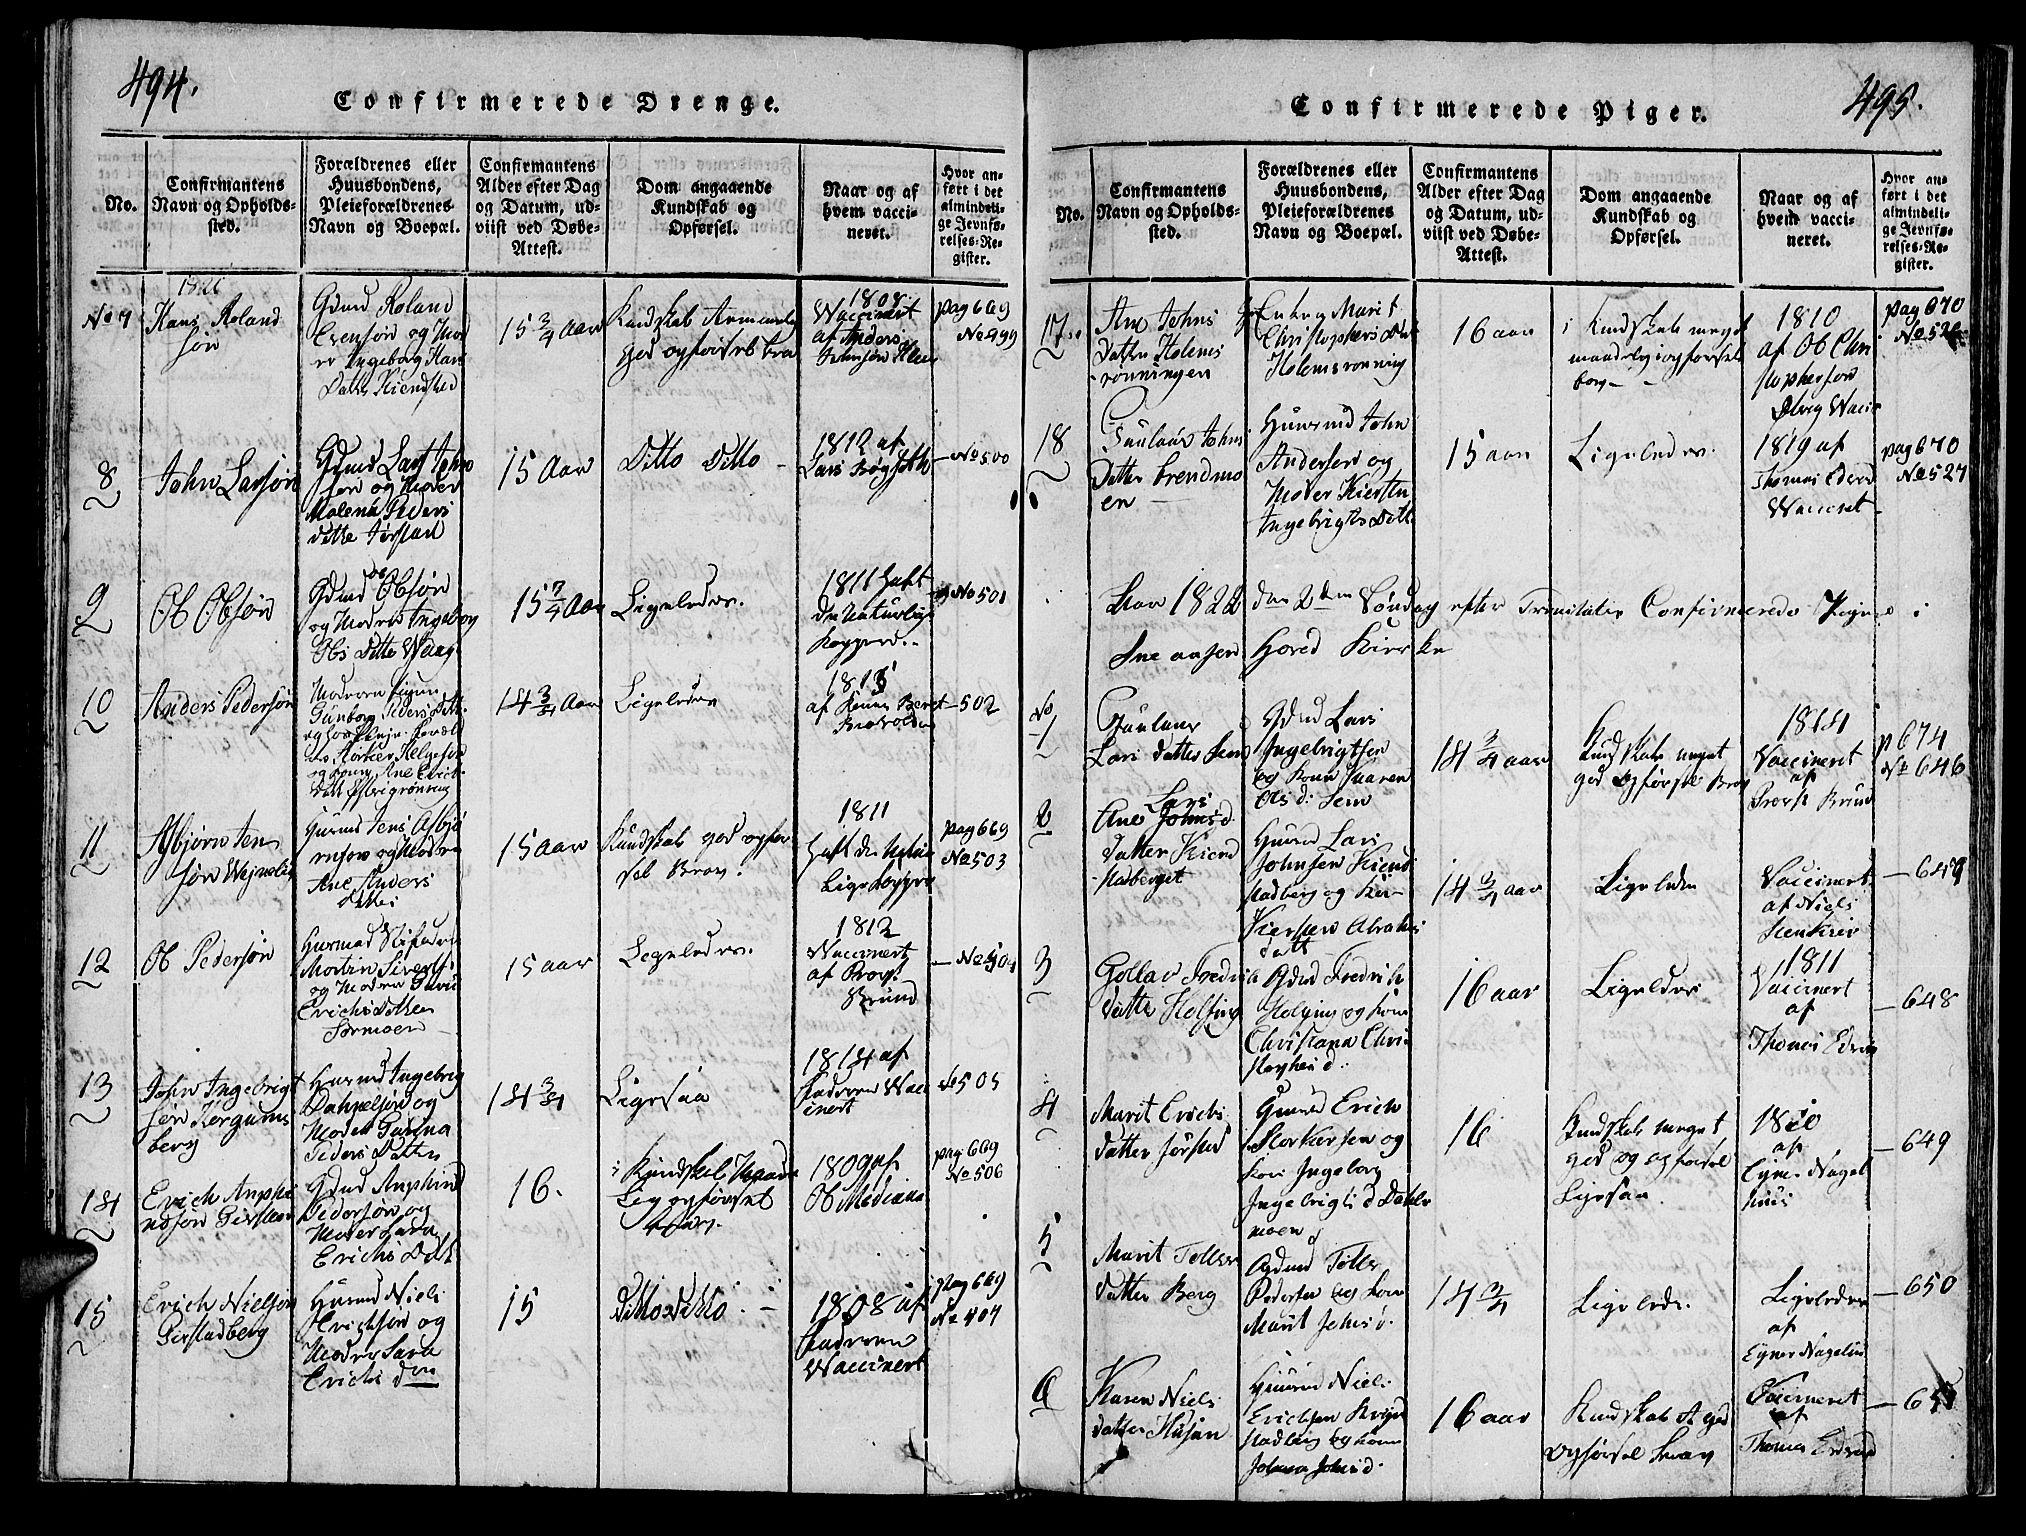 SAT, Ministerialprotokoller, klokkerbøker og fødselsregistre - Nord-Trøndelag, 749/L0479: Klokkerbok nr. 749C01, 1817-1829, s. 494-495